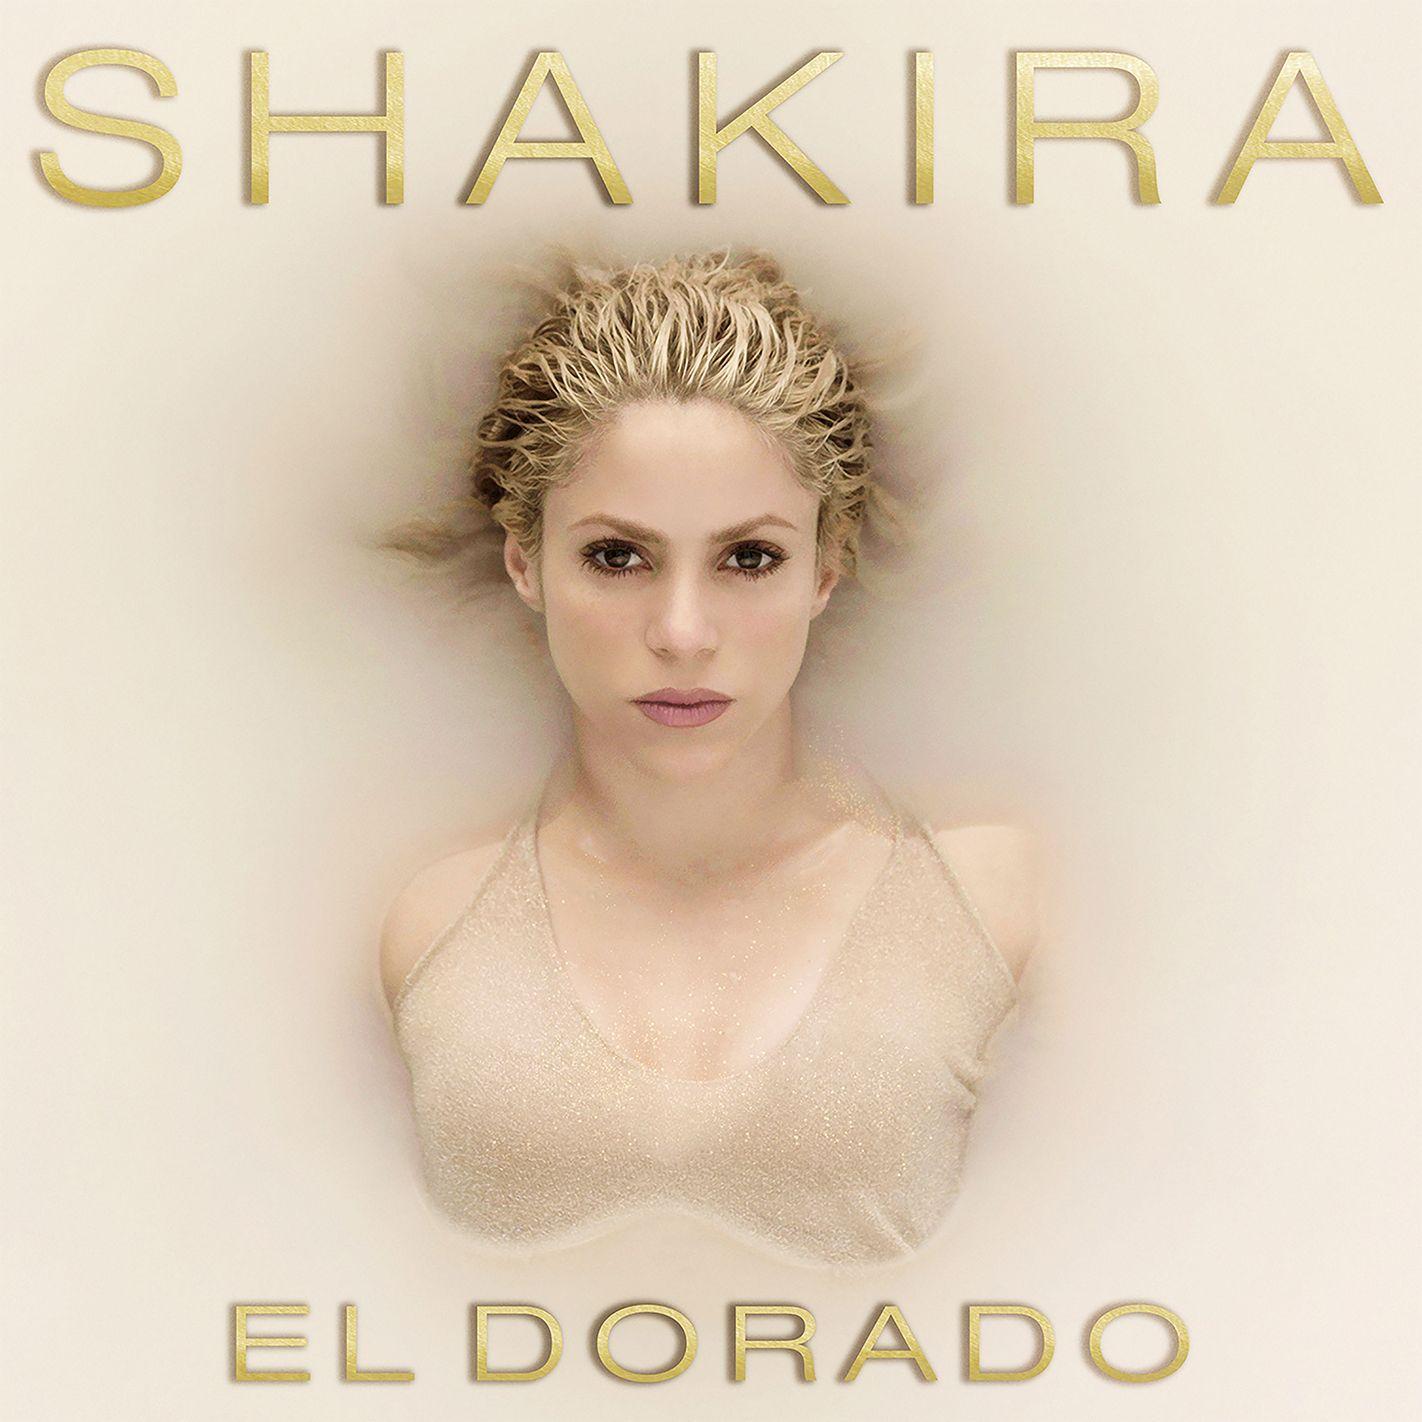 Shakira - El Dorado album cover